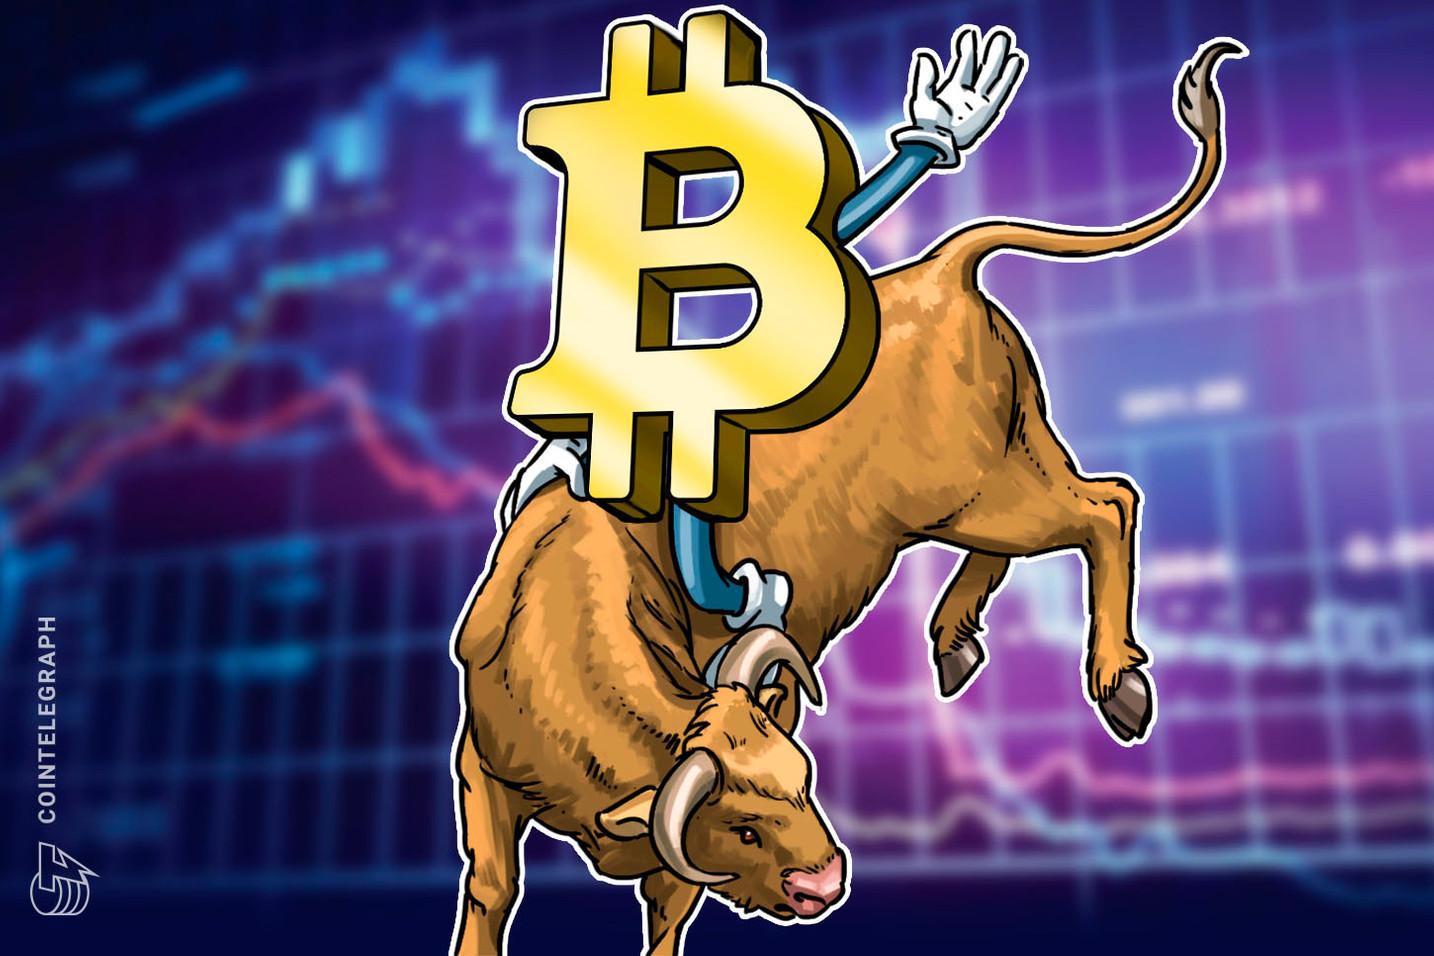 Geleneksel Bitcoin İndikatörleri Yükselişe İşaret Ediyor